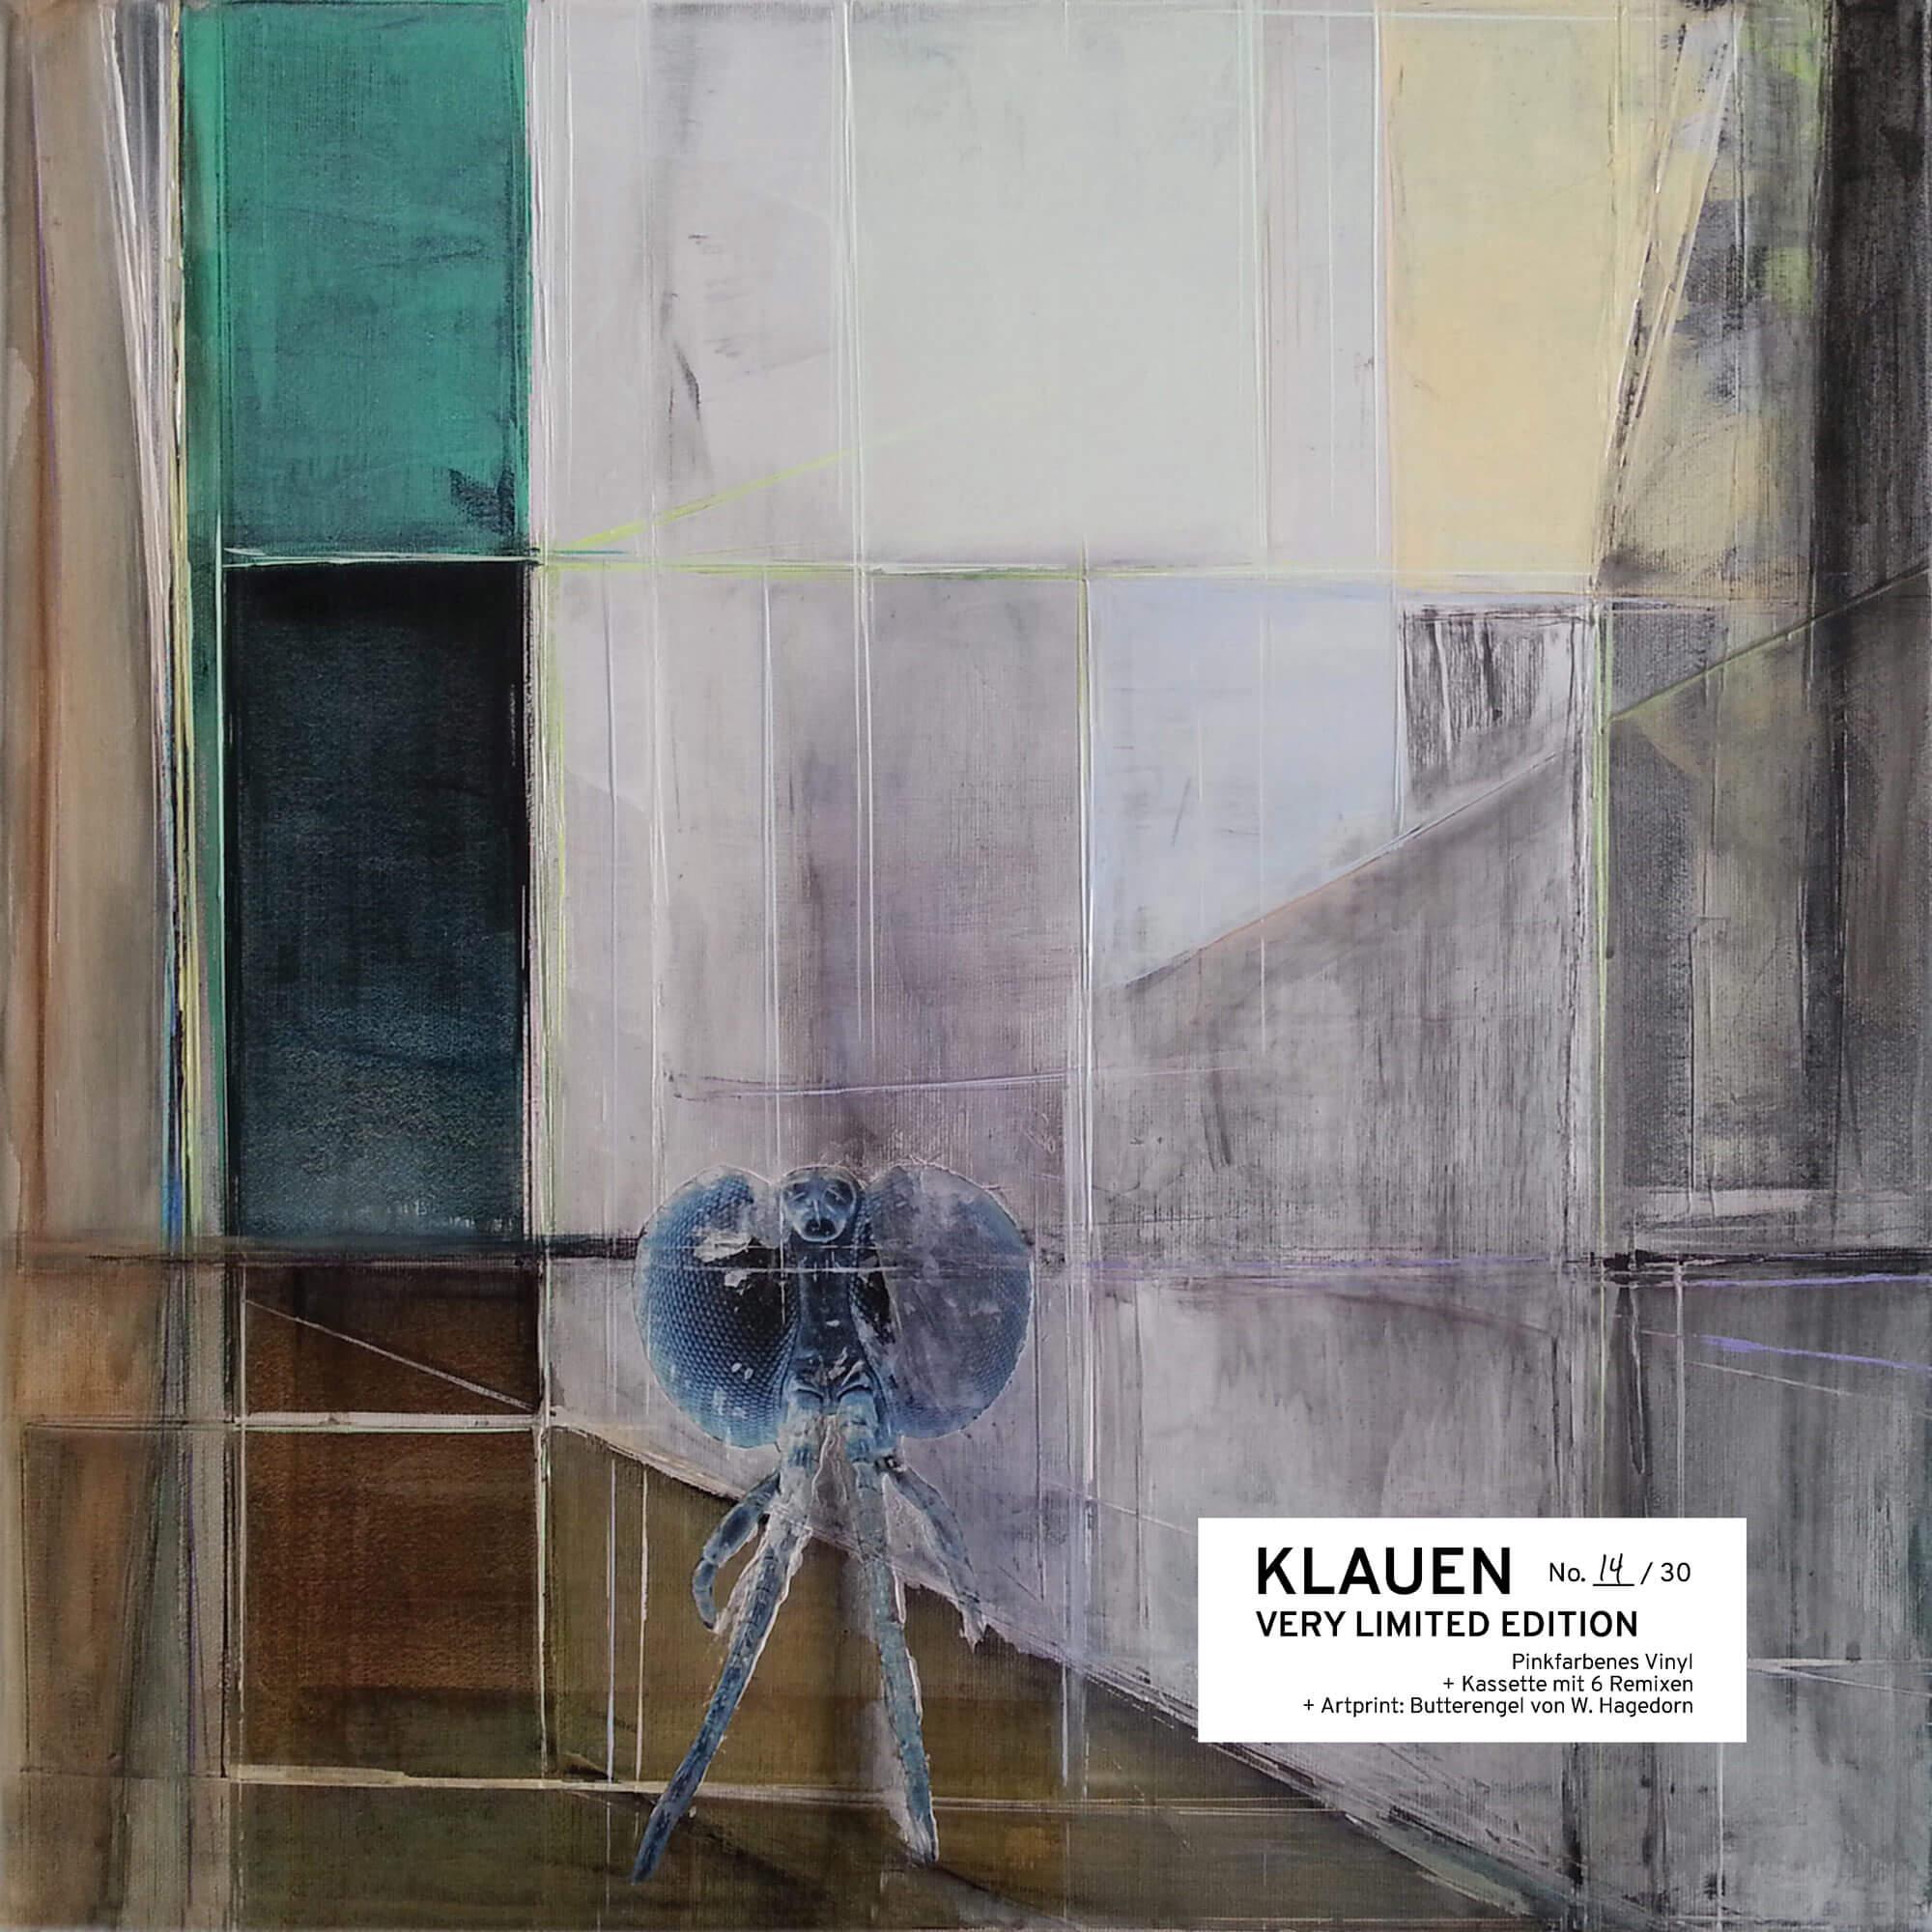 Klauen - Debutalbum - Vinyl - Parallel Schallplatten